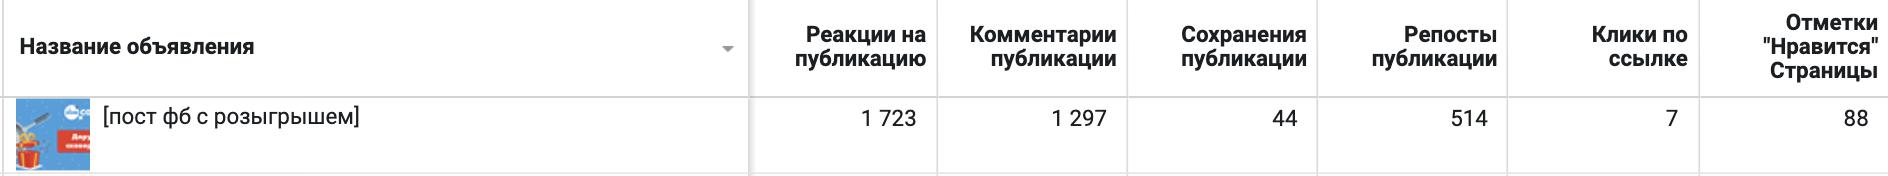 статистика рк